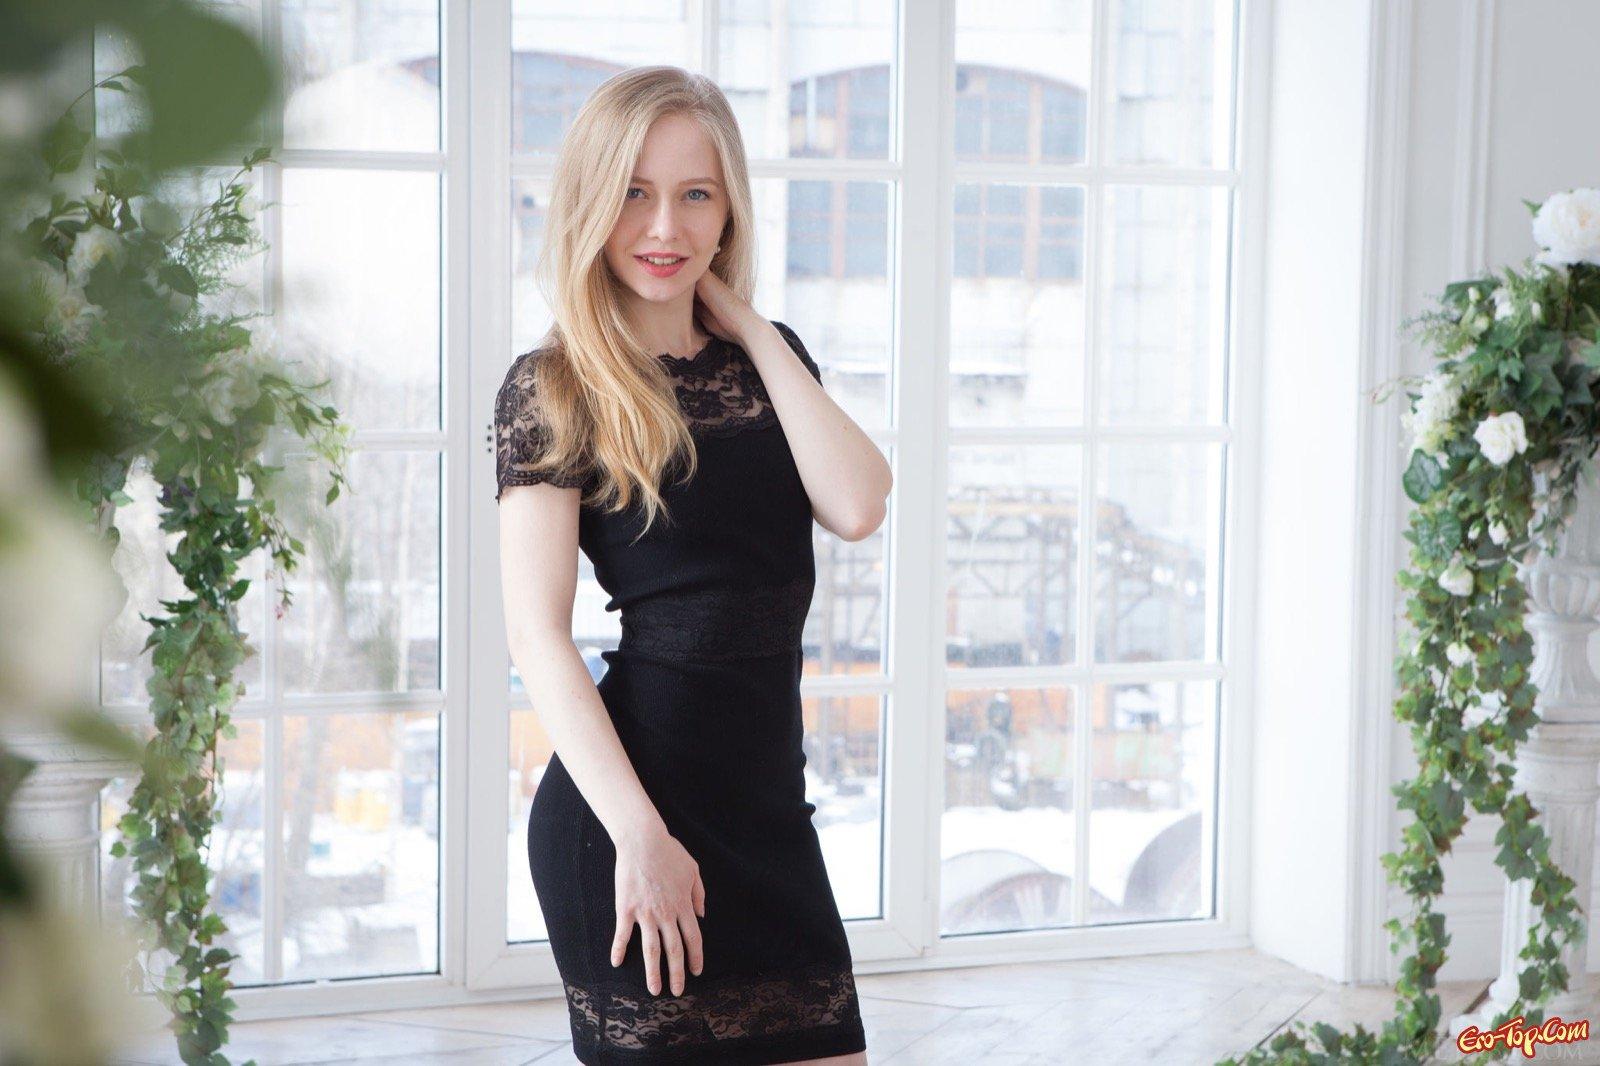 Элегантная блондинка стащила облегающие платье